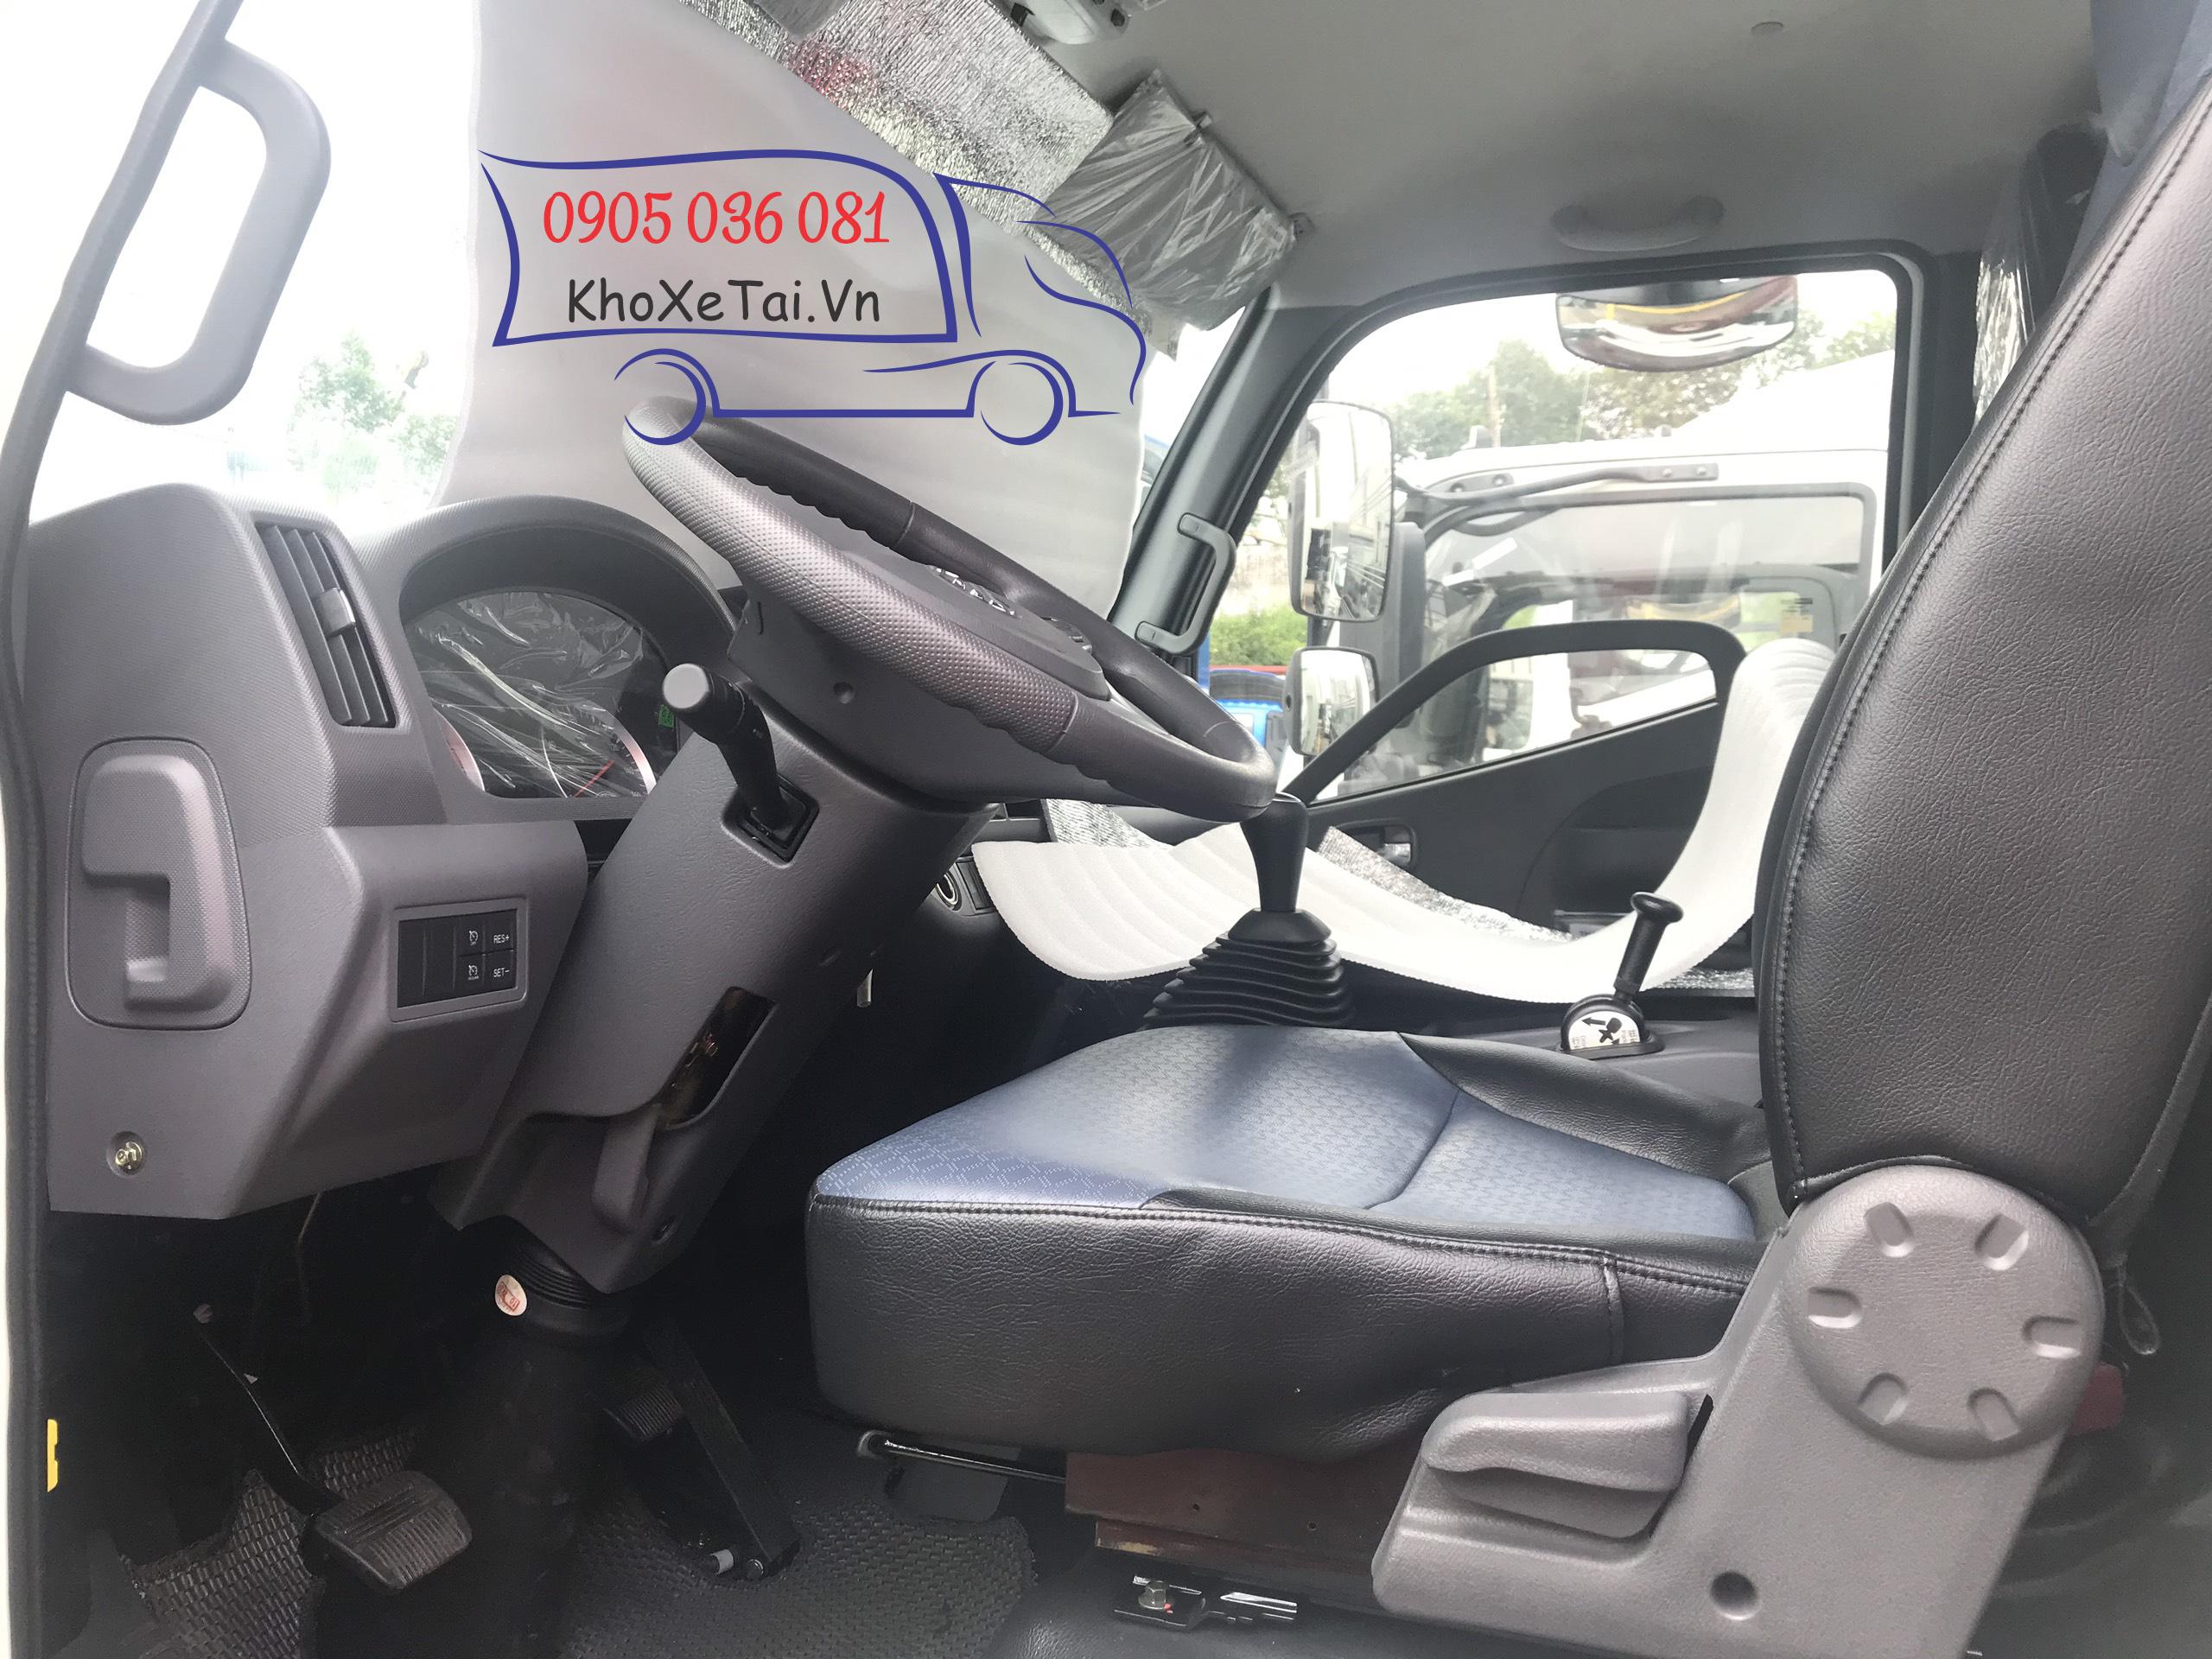 nội thất của xe ollin 700 5,8 mét